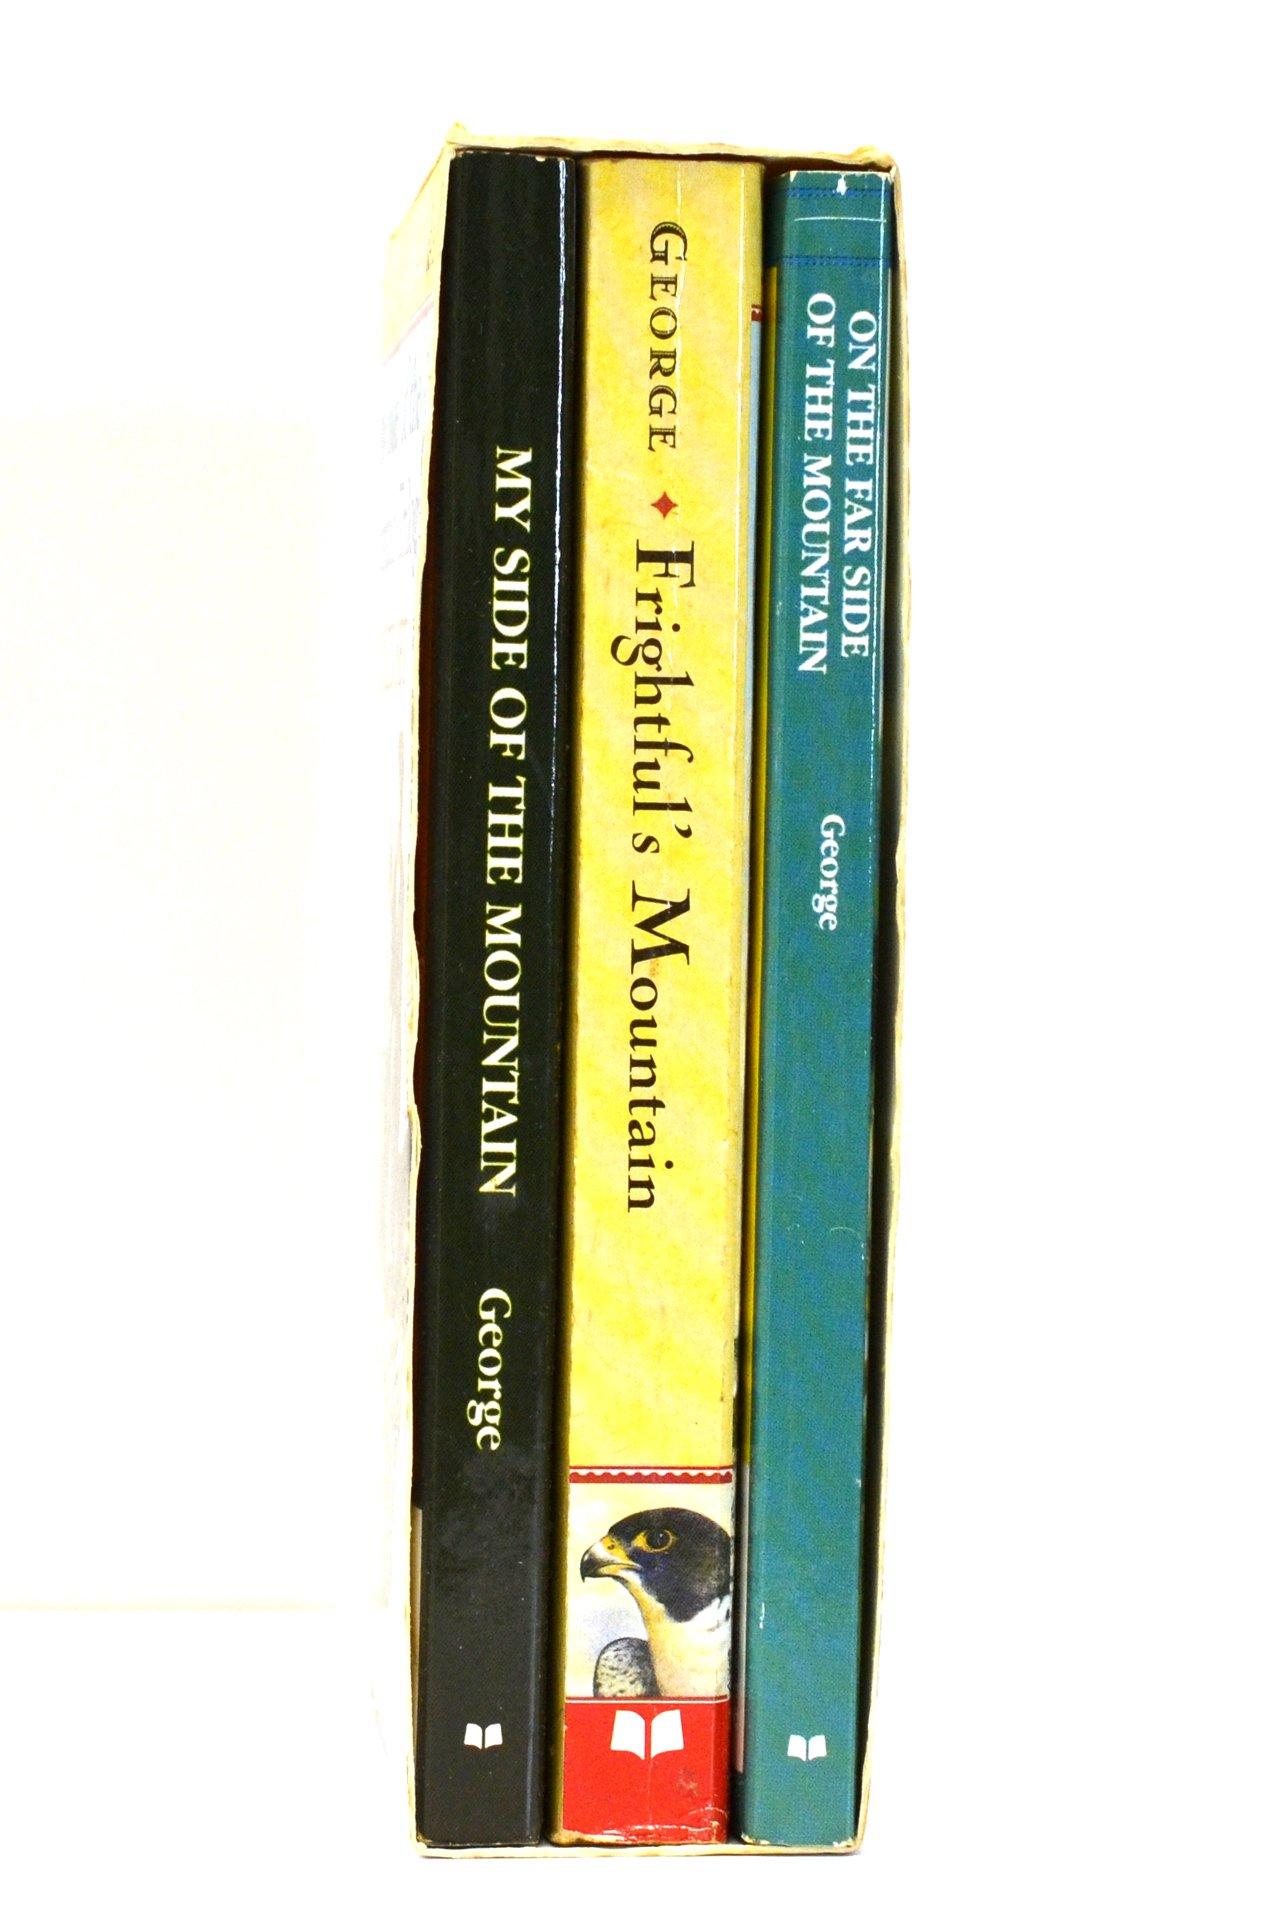 洋書 ディスプレイ用 3冊セット RZ-5591